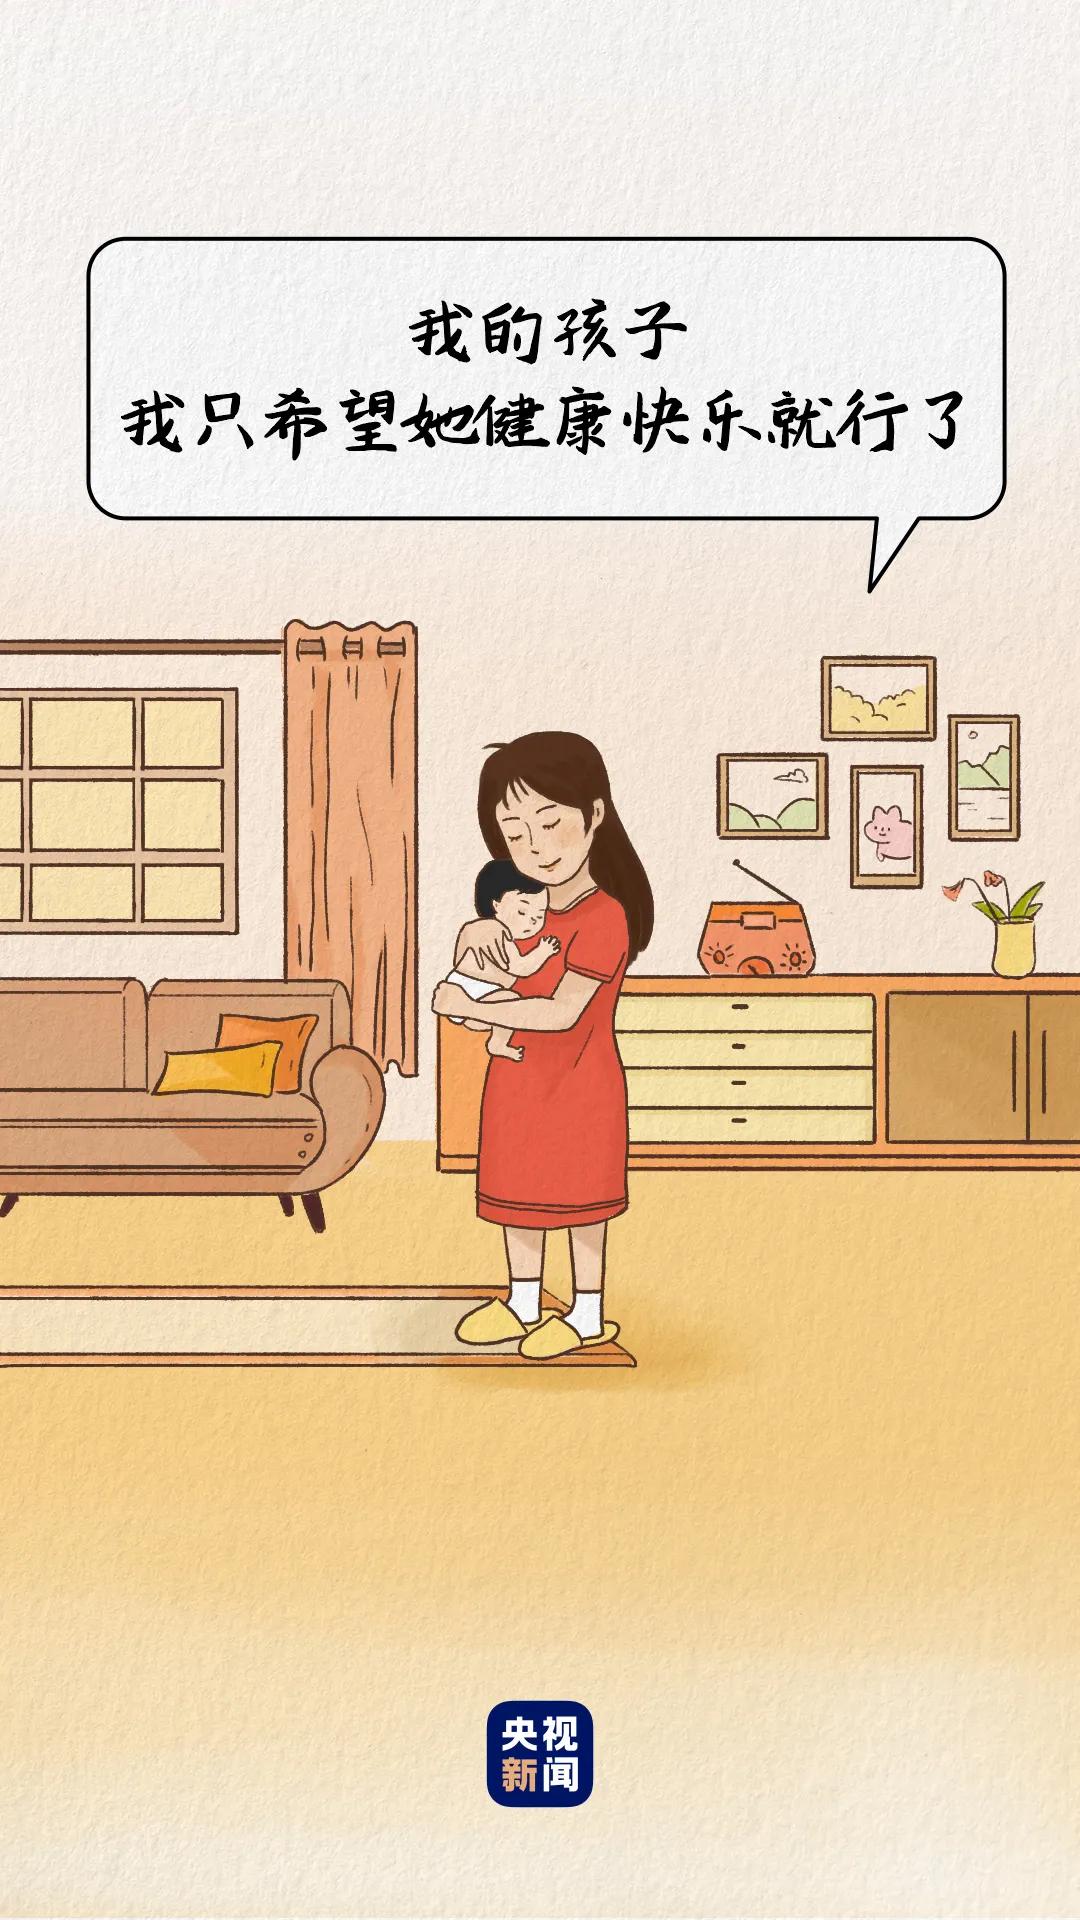 今天,听听妈妈的心里话!